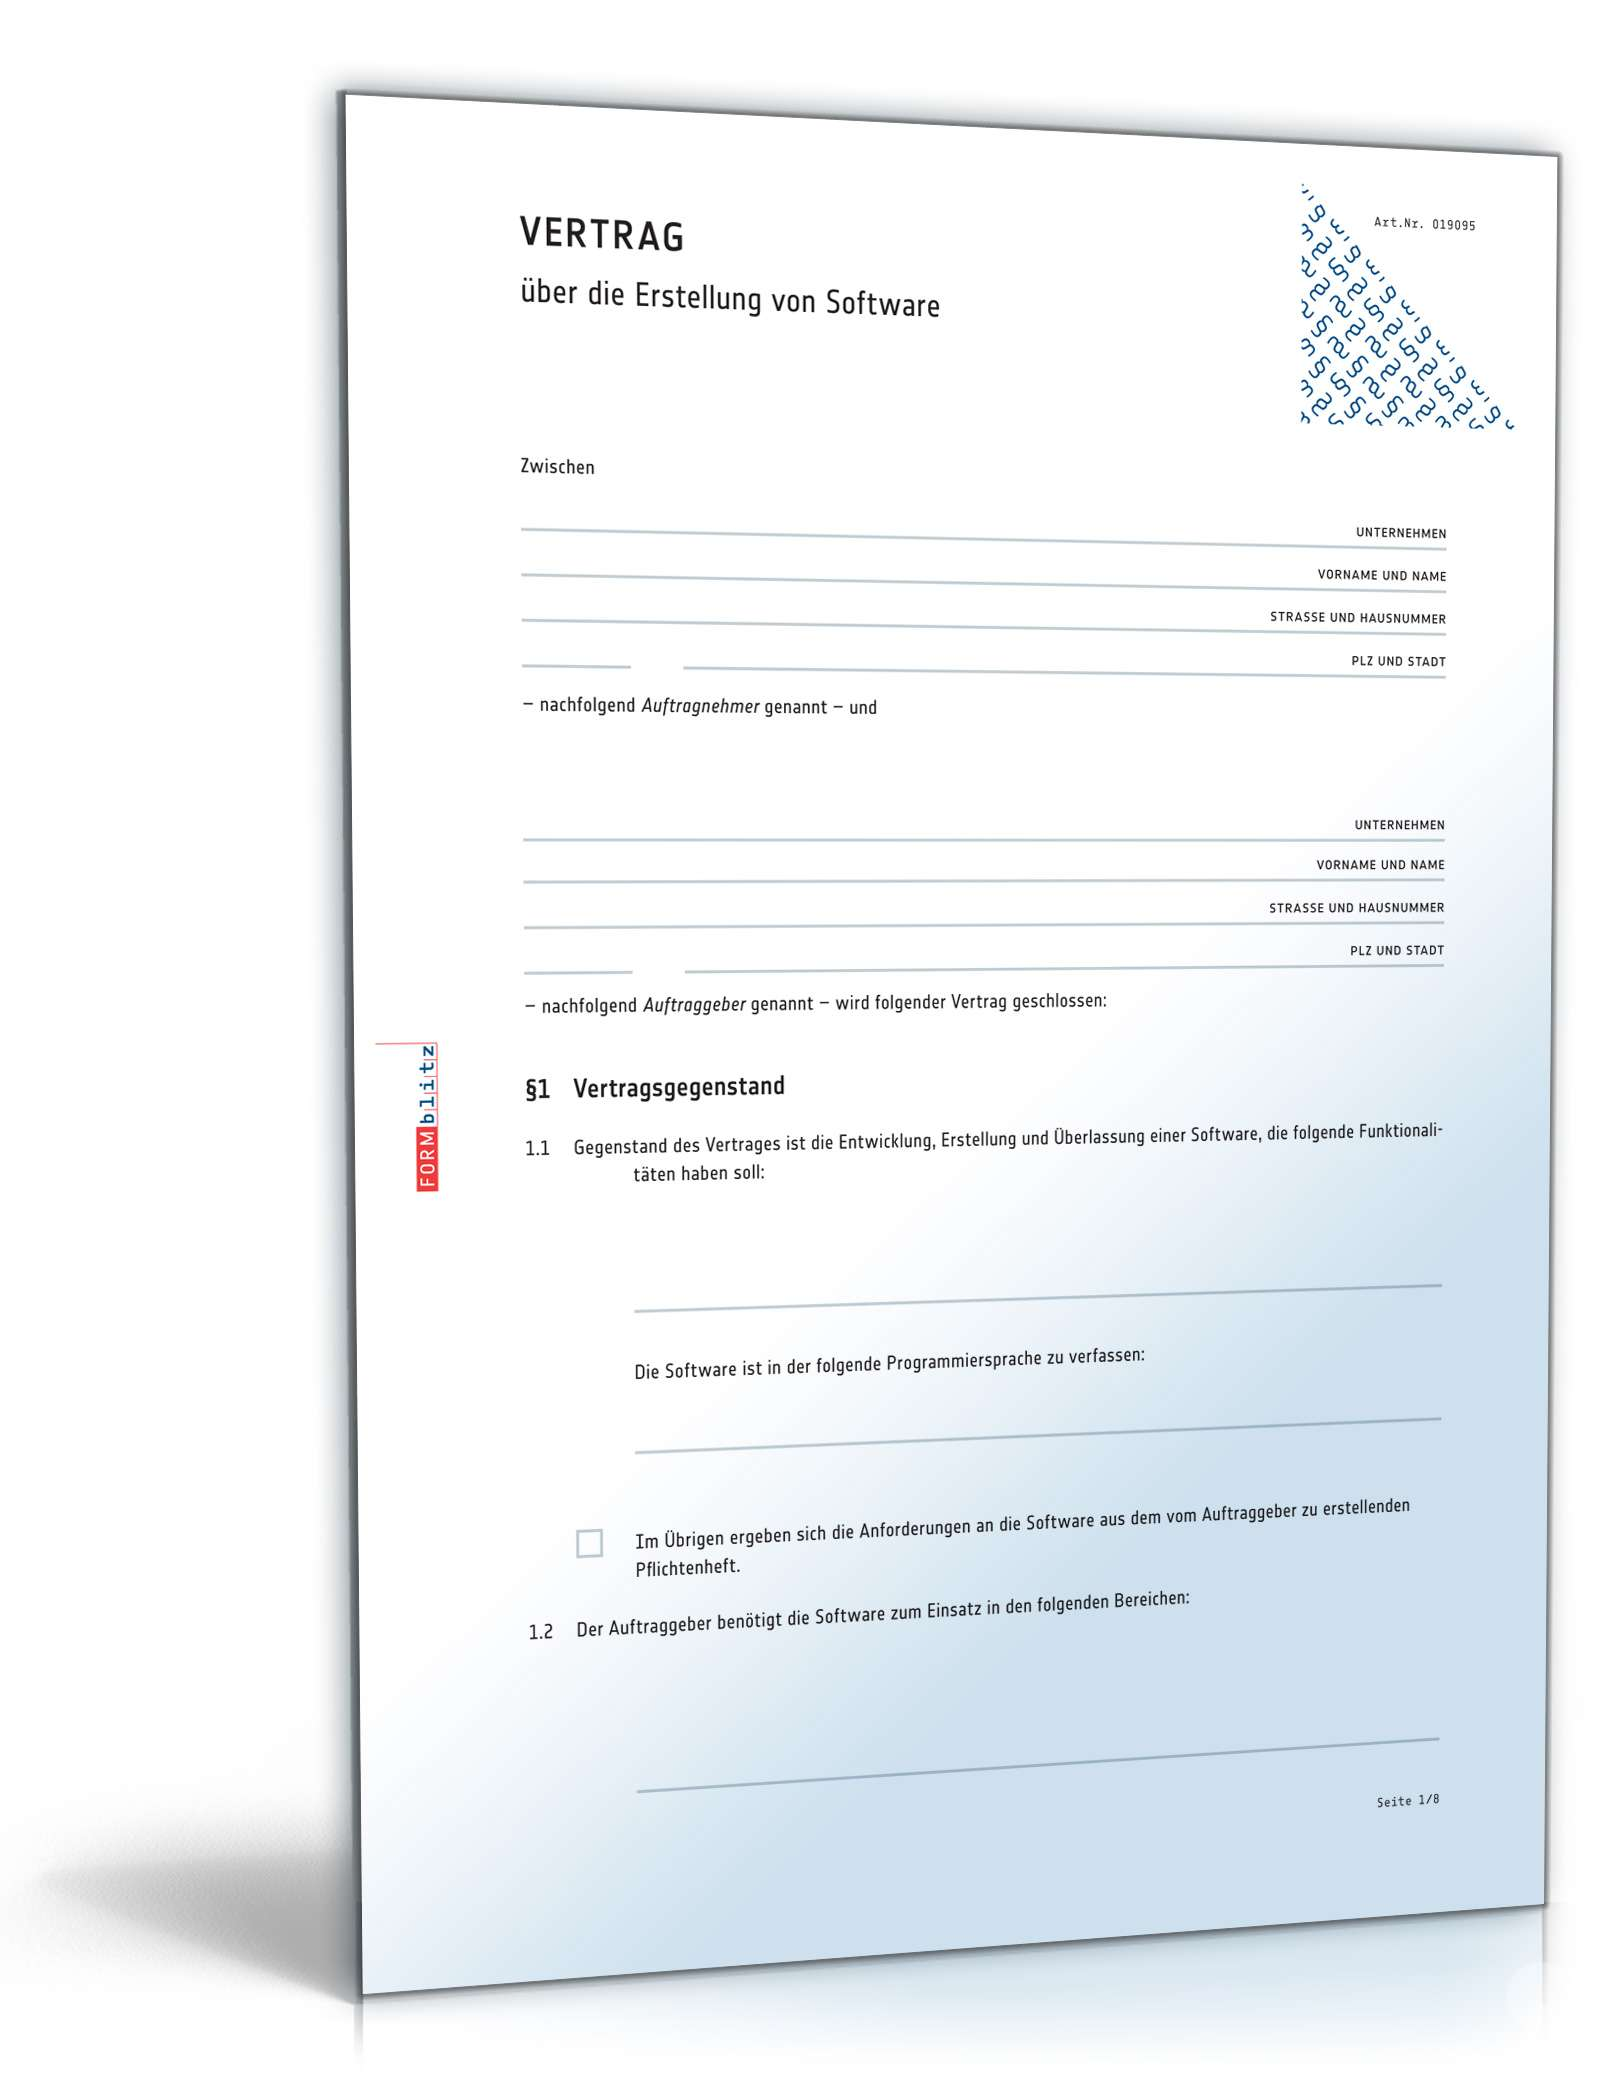 Vertrag Softwareerstellung Vorlage Zum Download